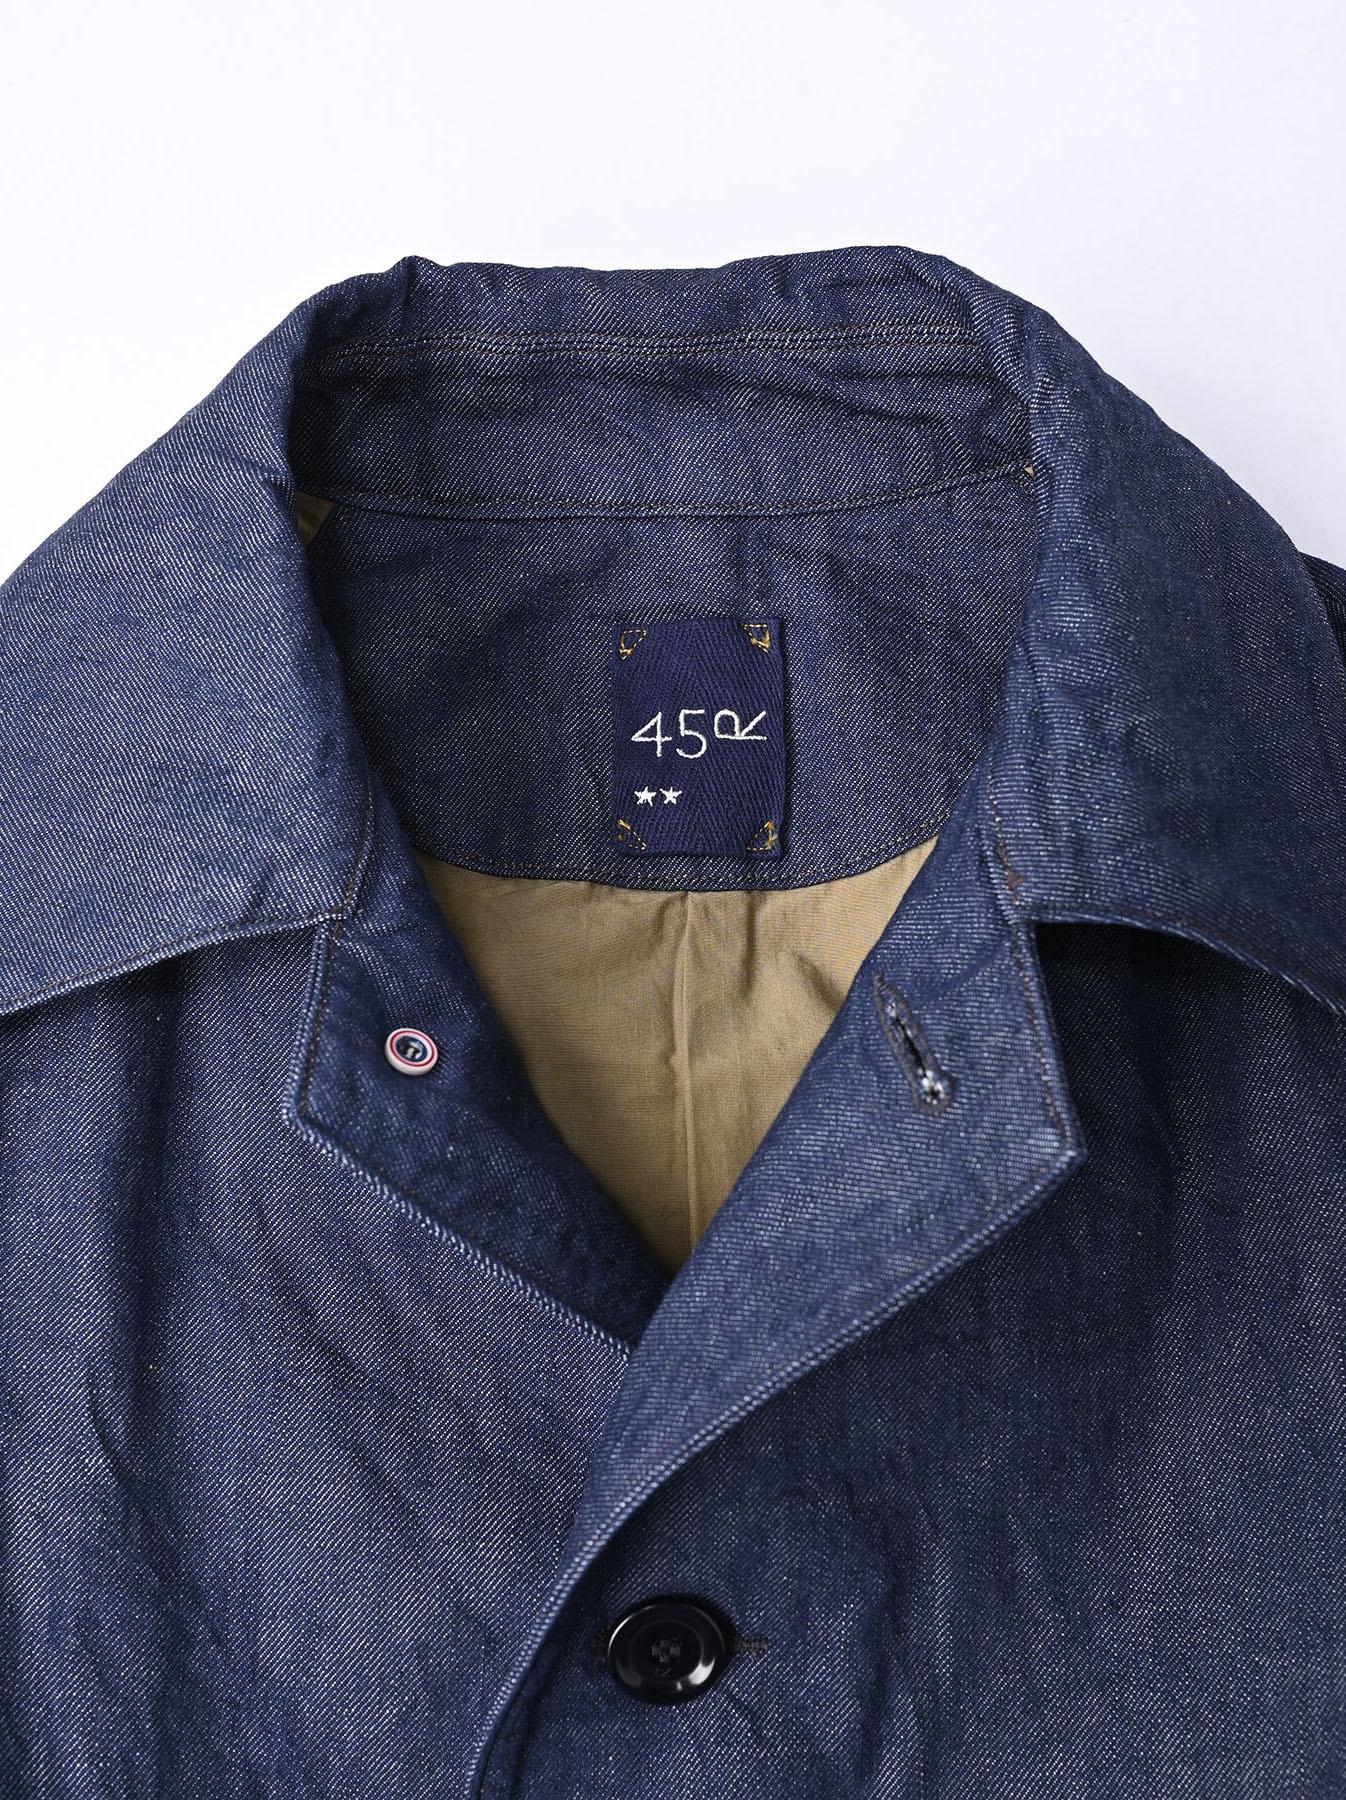 Mugi Denim 908 Coat-6